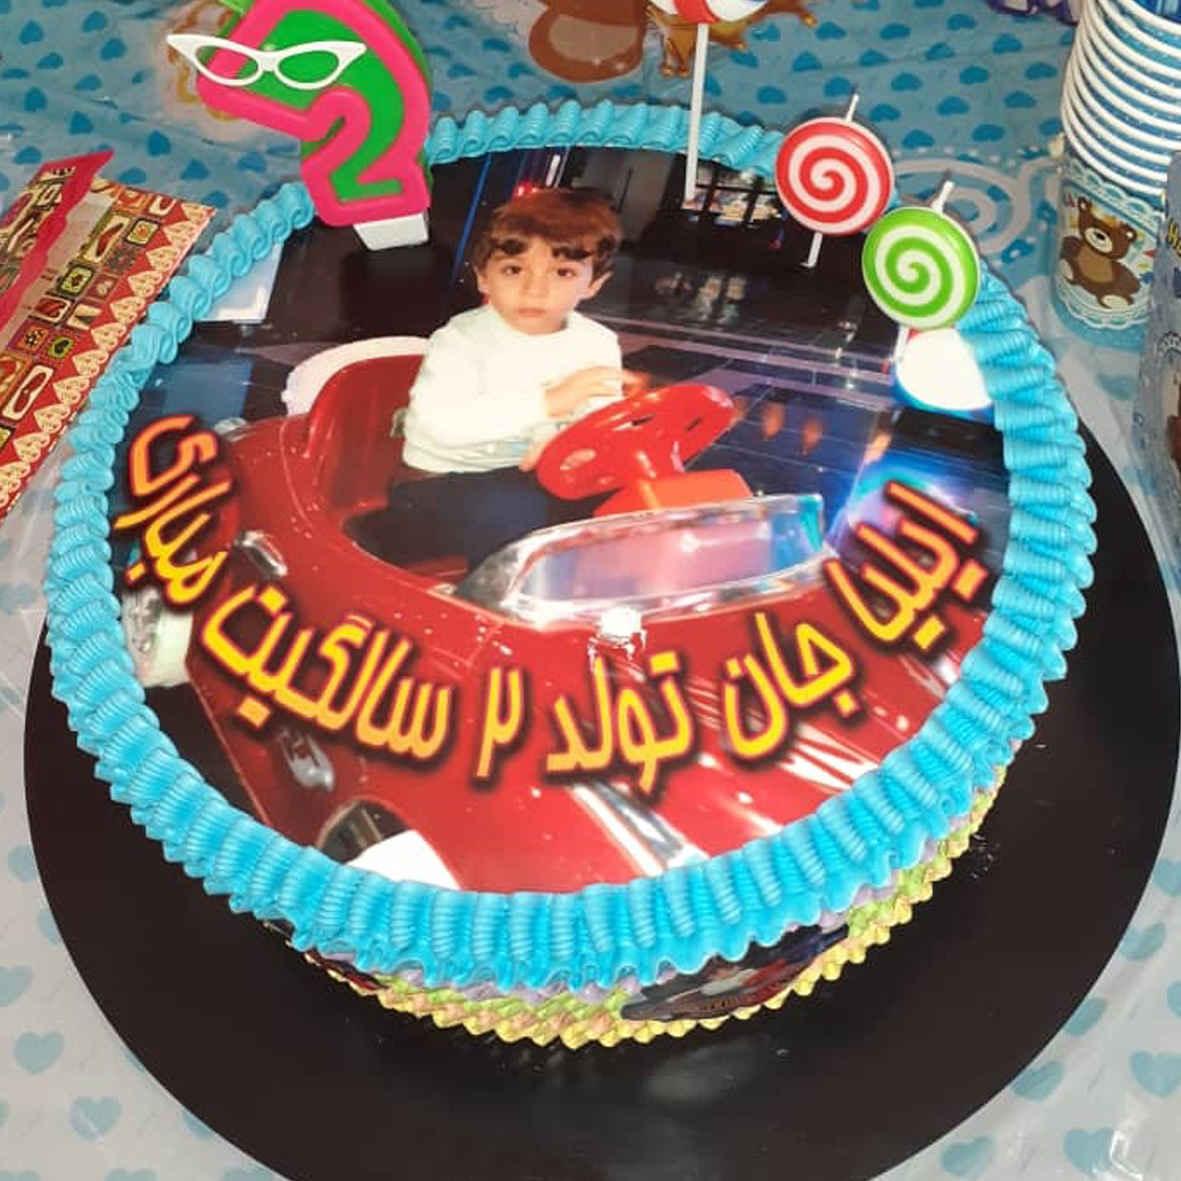 نمونه چاپ شده کیک تصویری با پرینتر جوهرافشان اپسون